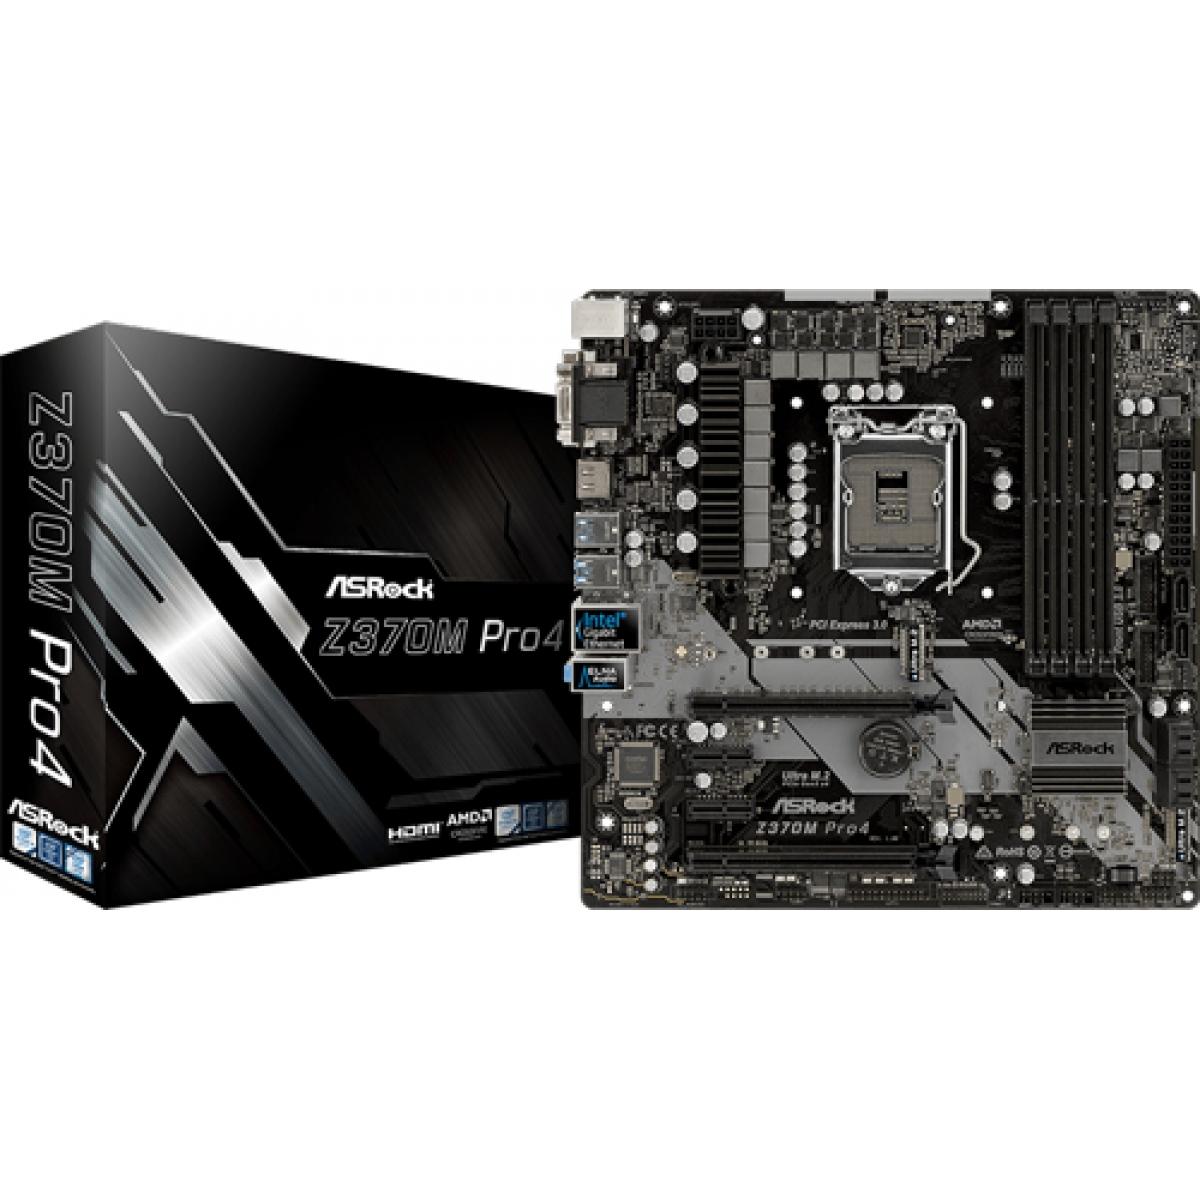 Placa Mãe ASRock Z370M Pro4, Chipset Z370, Intel LGA 1151, mATX, DDR4